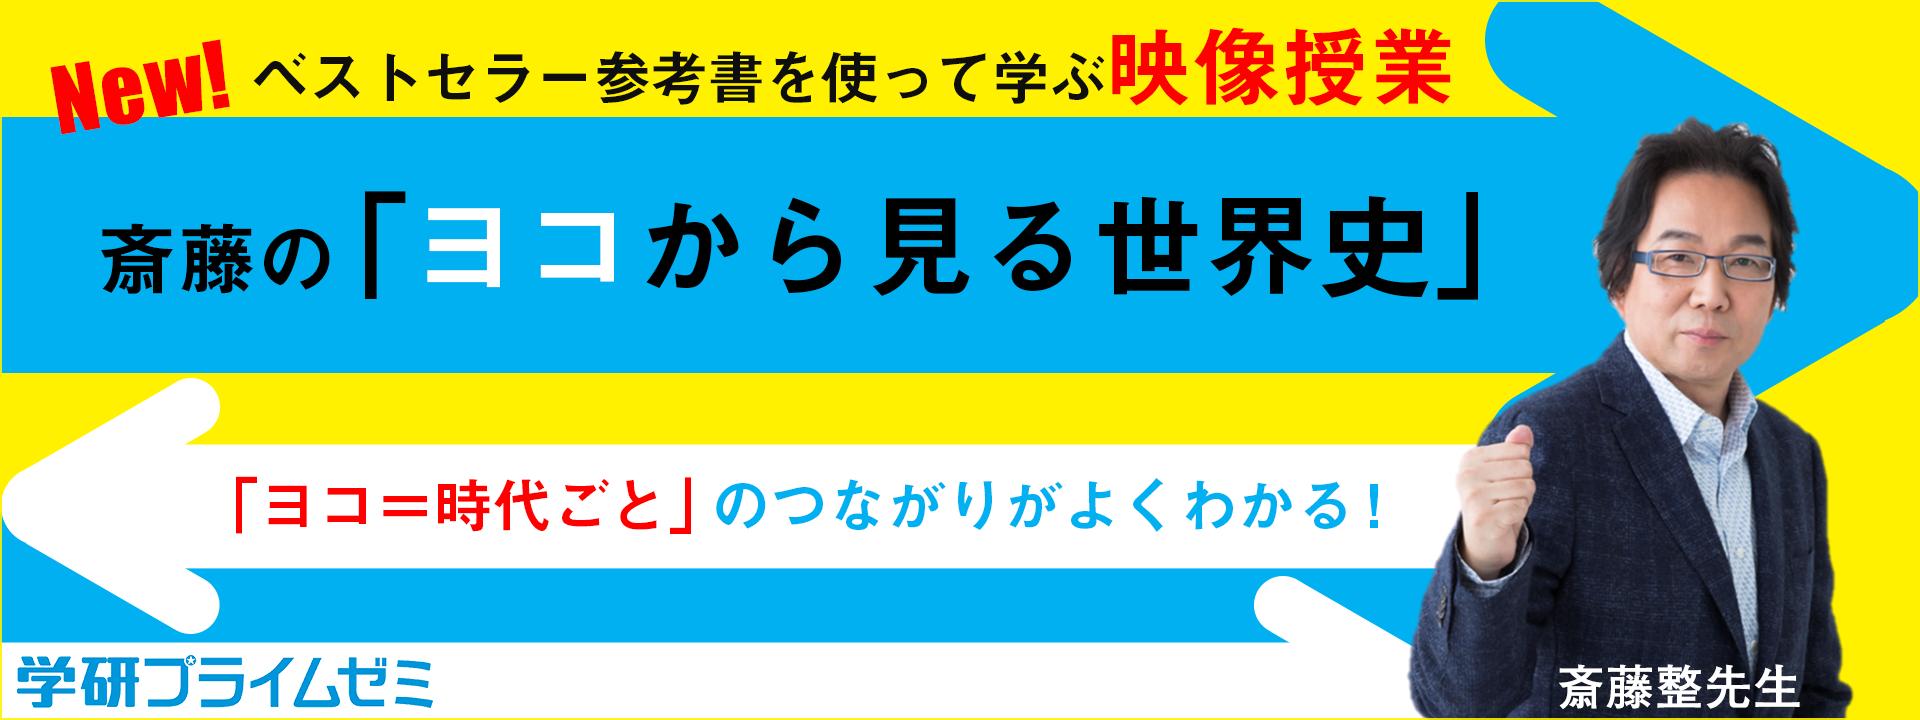 「ヨコ」のつながりがよくわかる!ベストセラー参考書で学ぶ、斎藤の「ヨコから見る世界史」